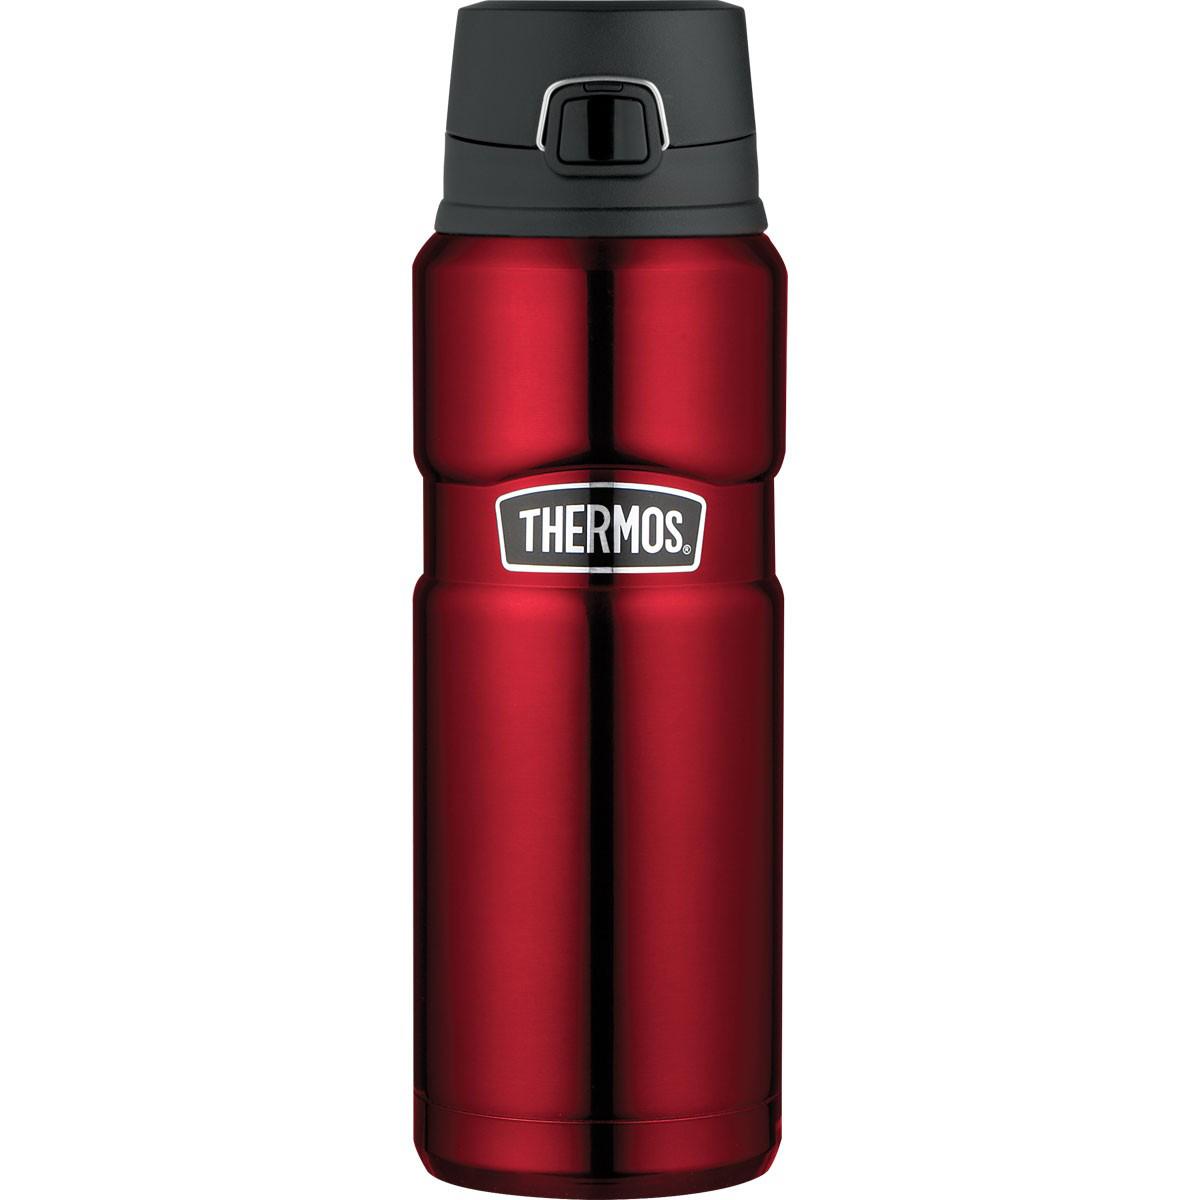 Thermos 24 oz acier inoxydable King isolation sous vide en acier inoxydable bouteille d/'eau environ 680.38 g